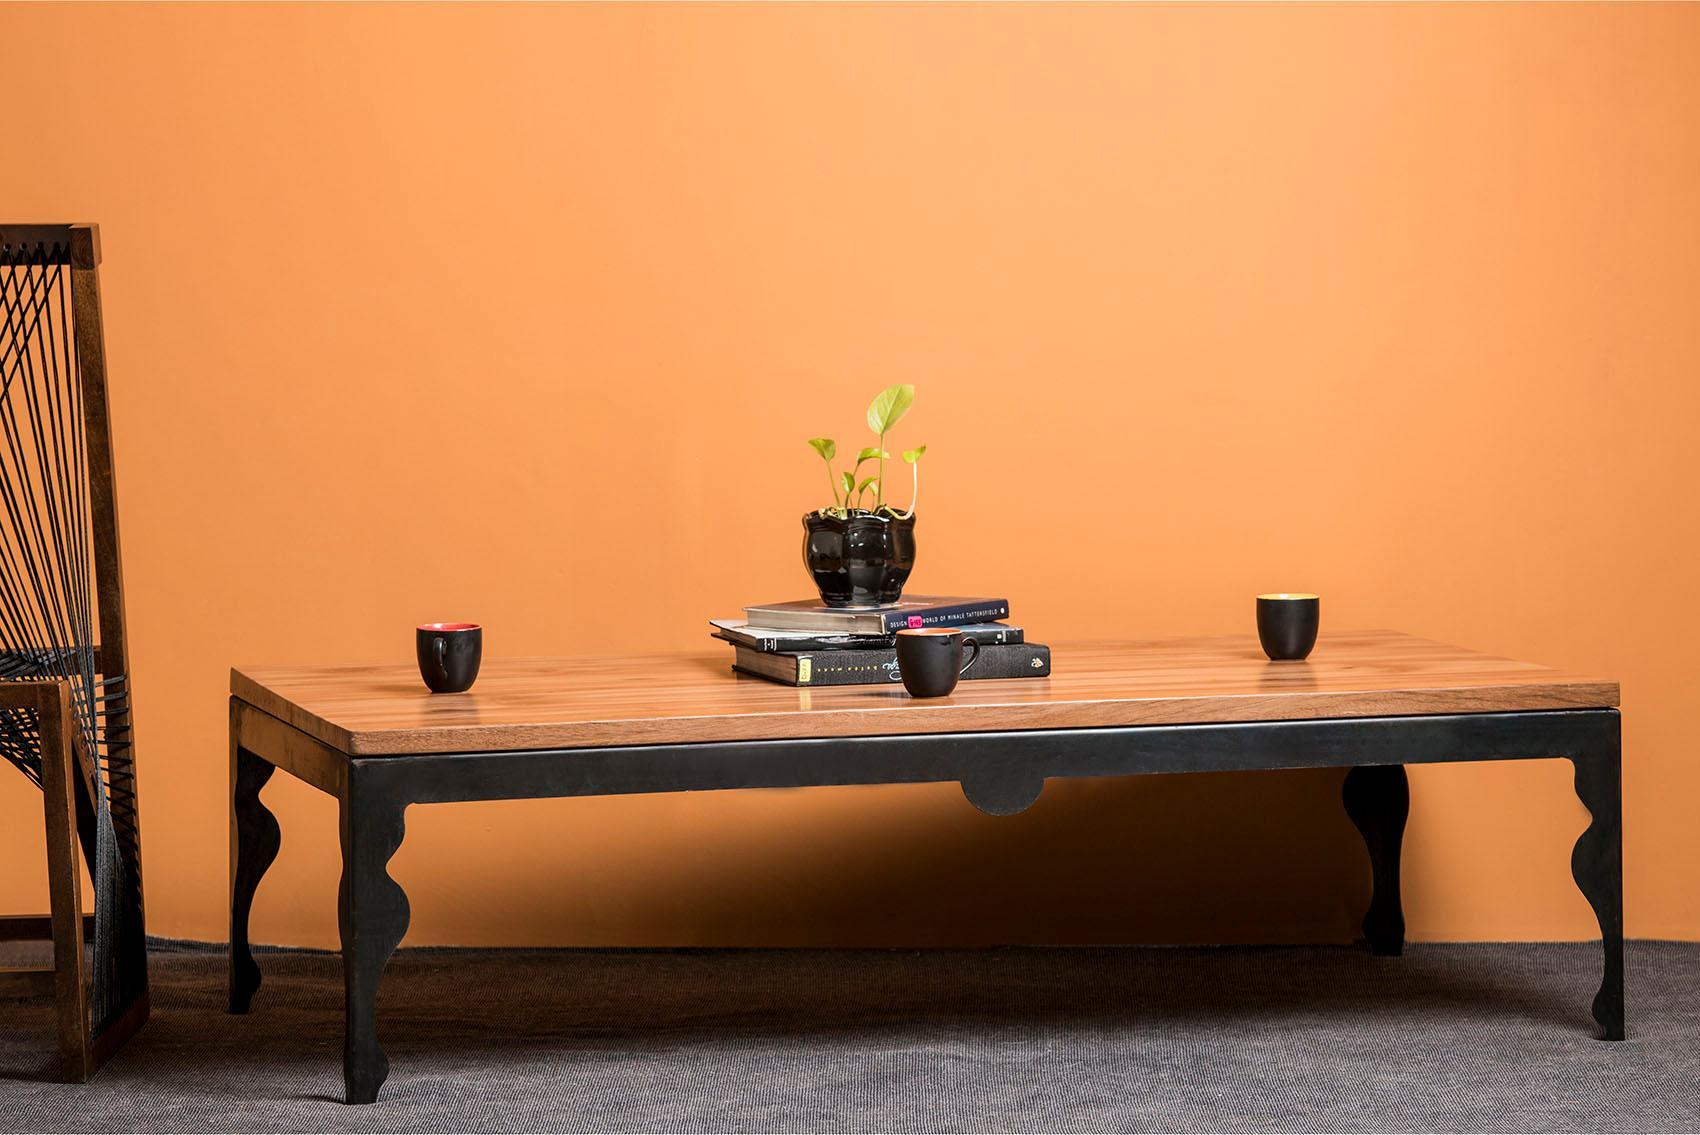 Home affaire Couchtisch »Baroque«, aus massivem Mangoholz, mit schönen Metallbeinen und schönen Holzausschnitten